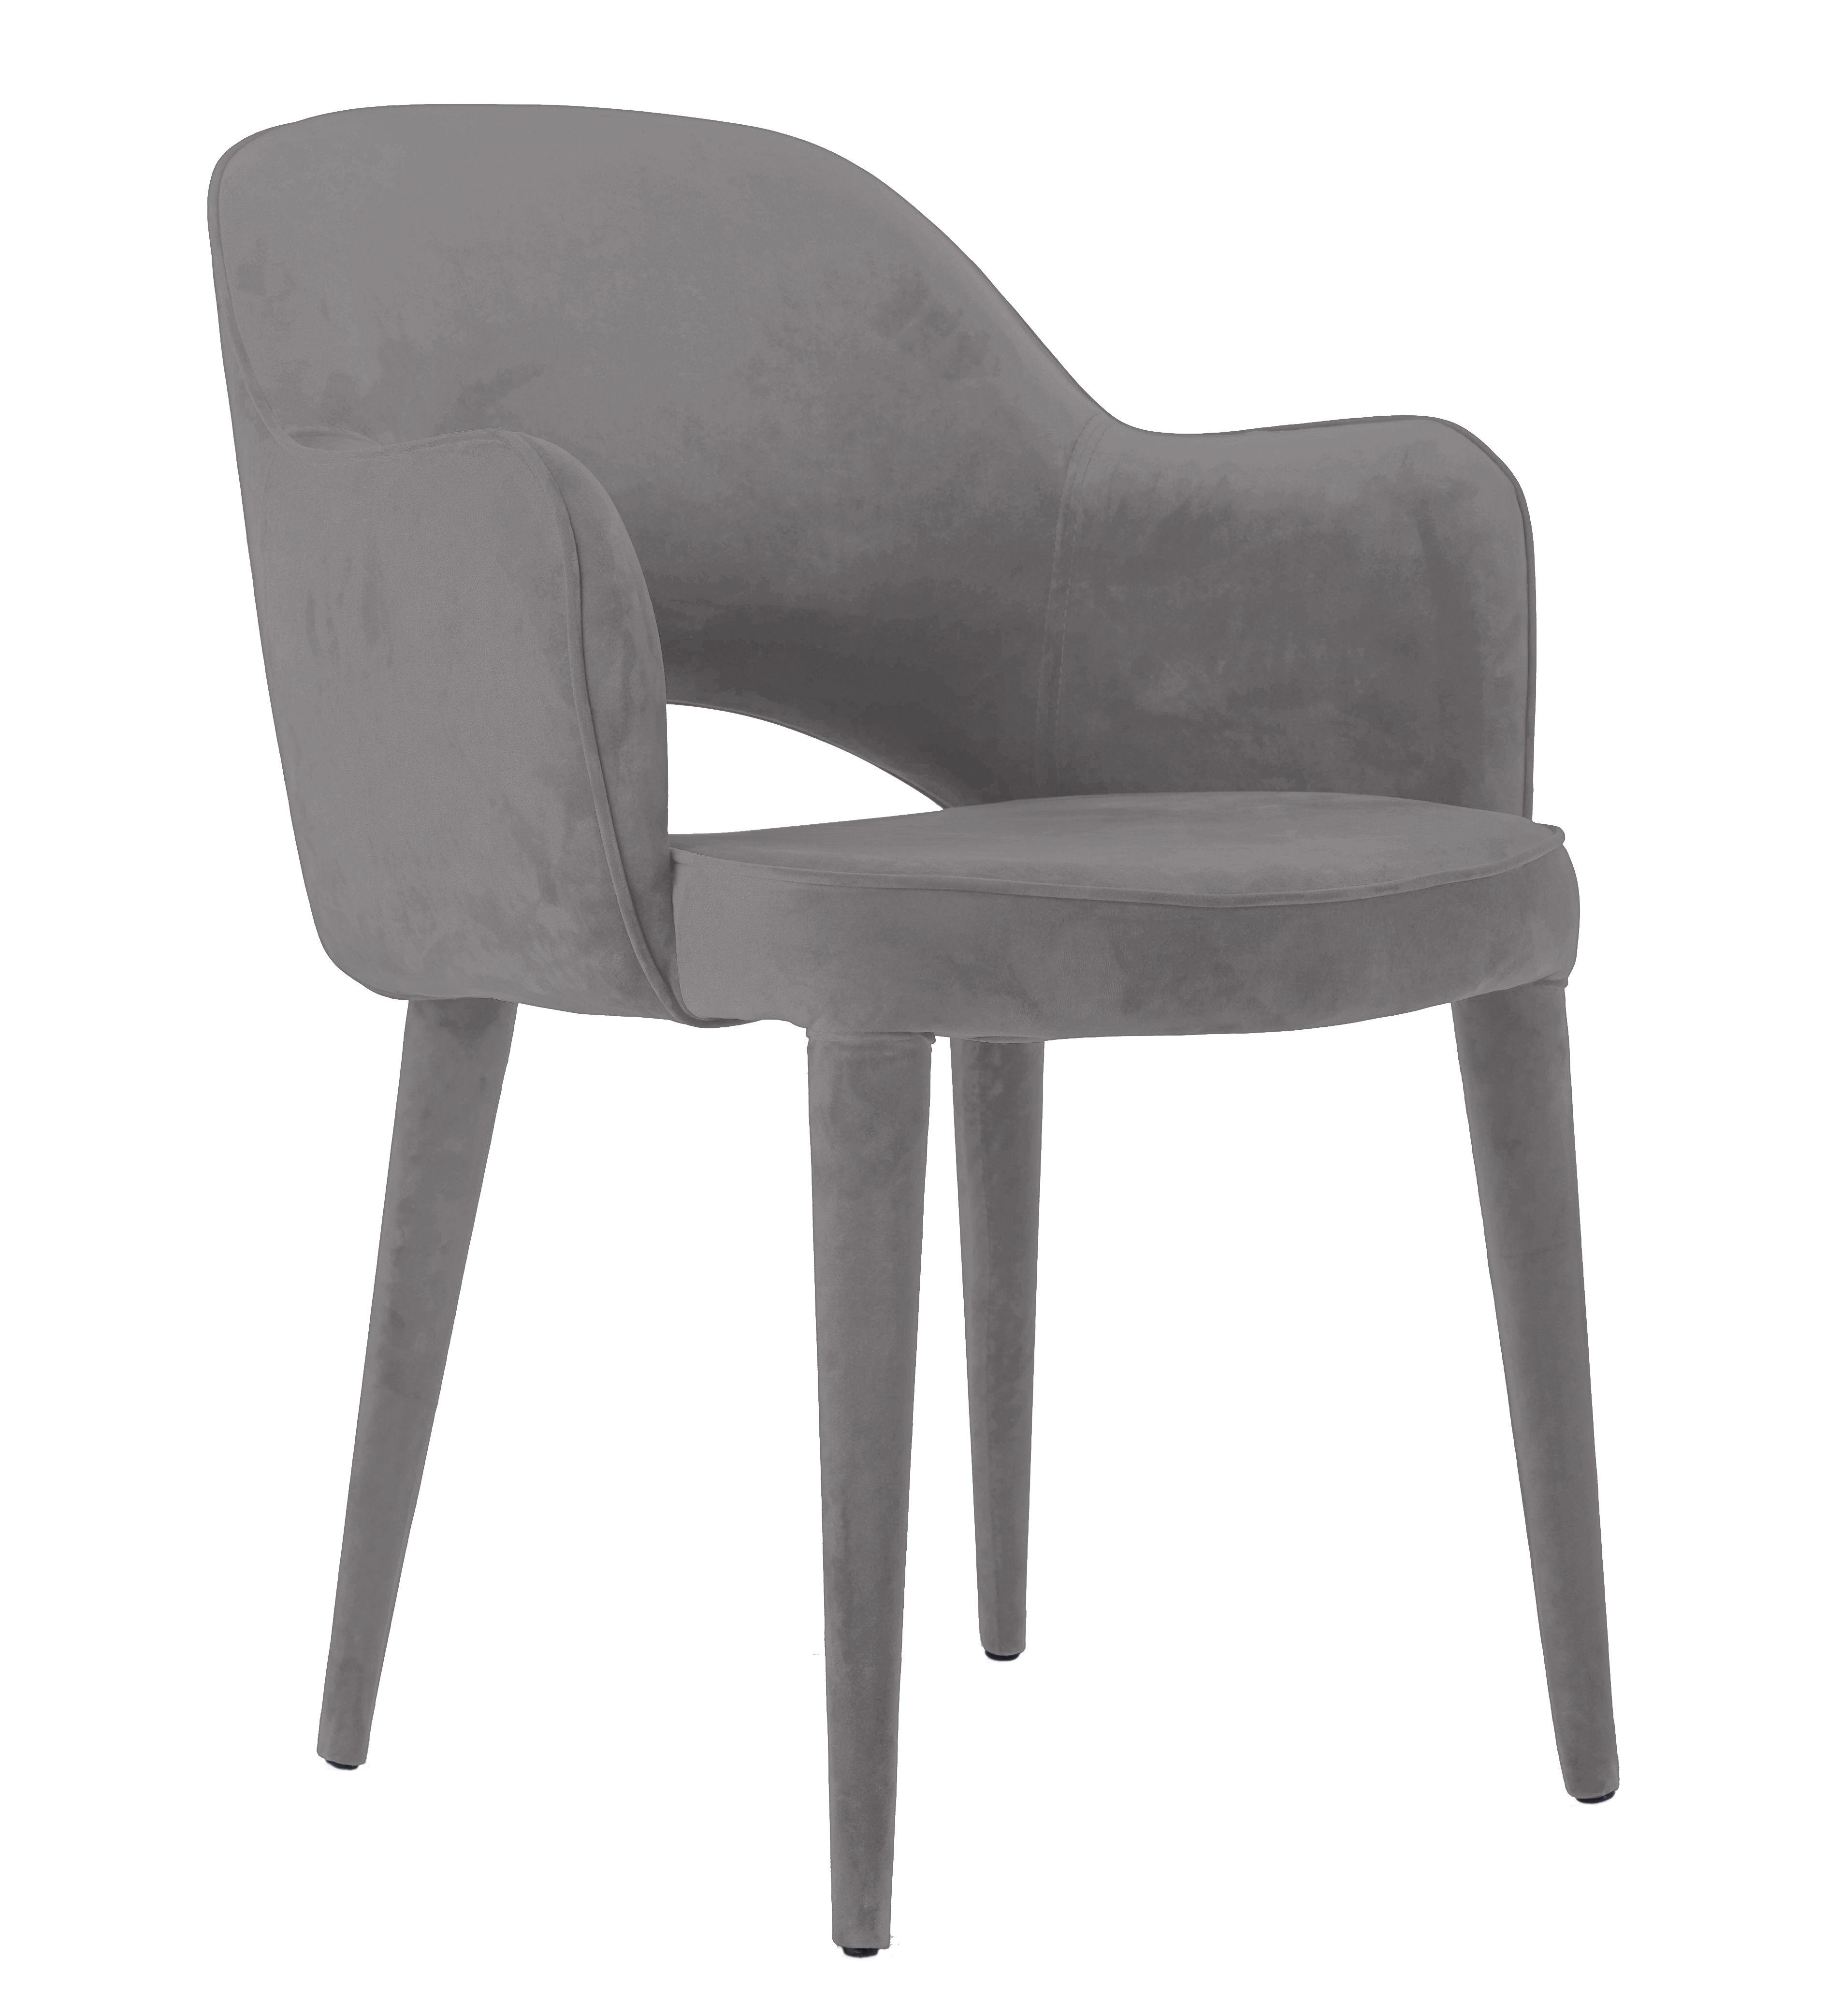 Furniture - Armchairs - Cosy Padded armchair - Velvet by Pols Potten - Mouse grey velvet - Foam, Metal, Velvet